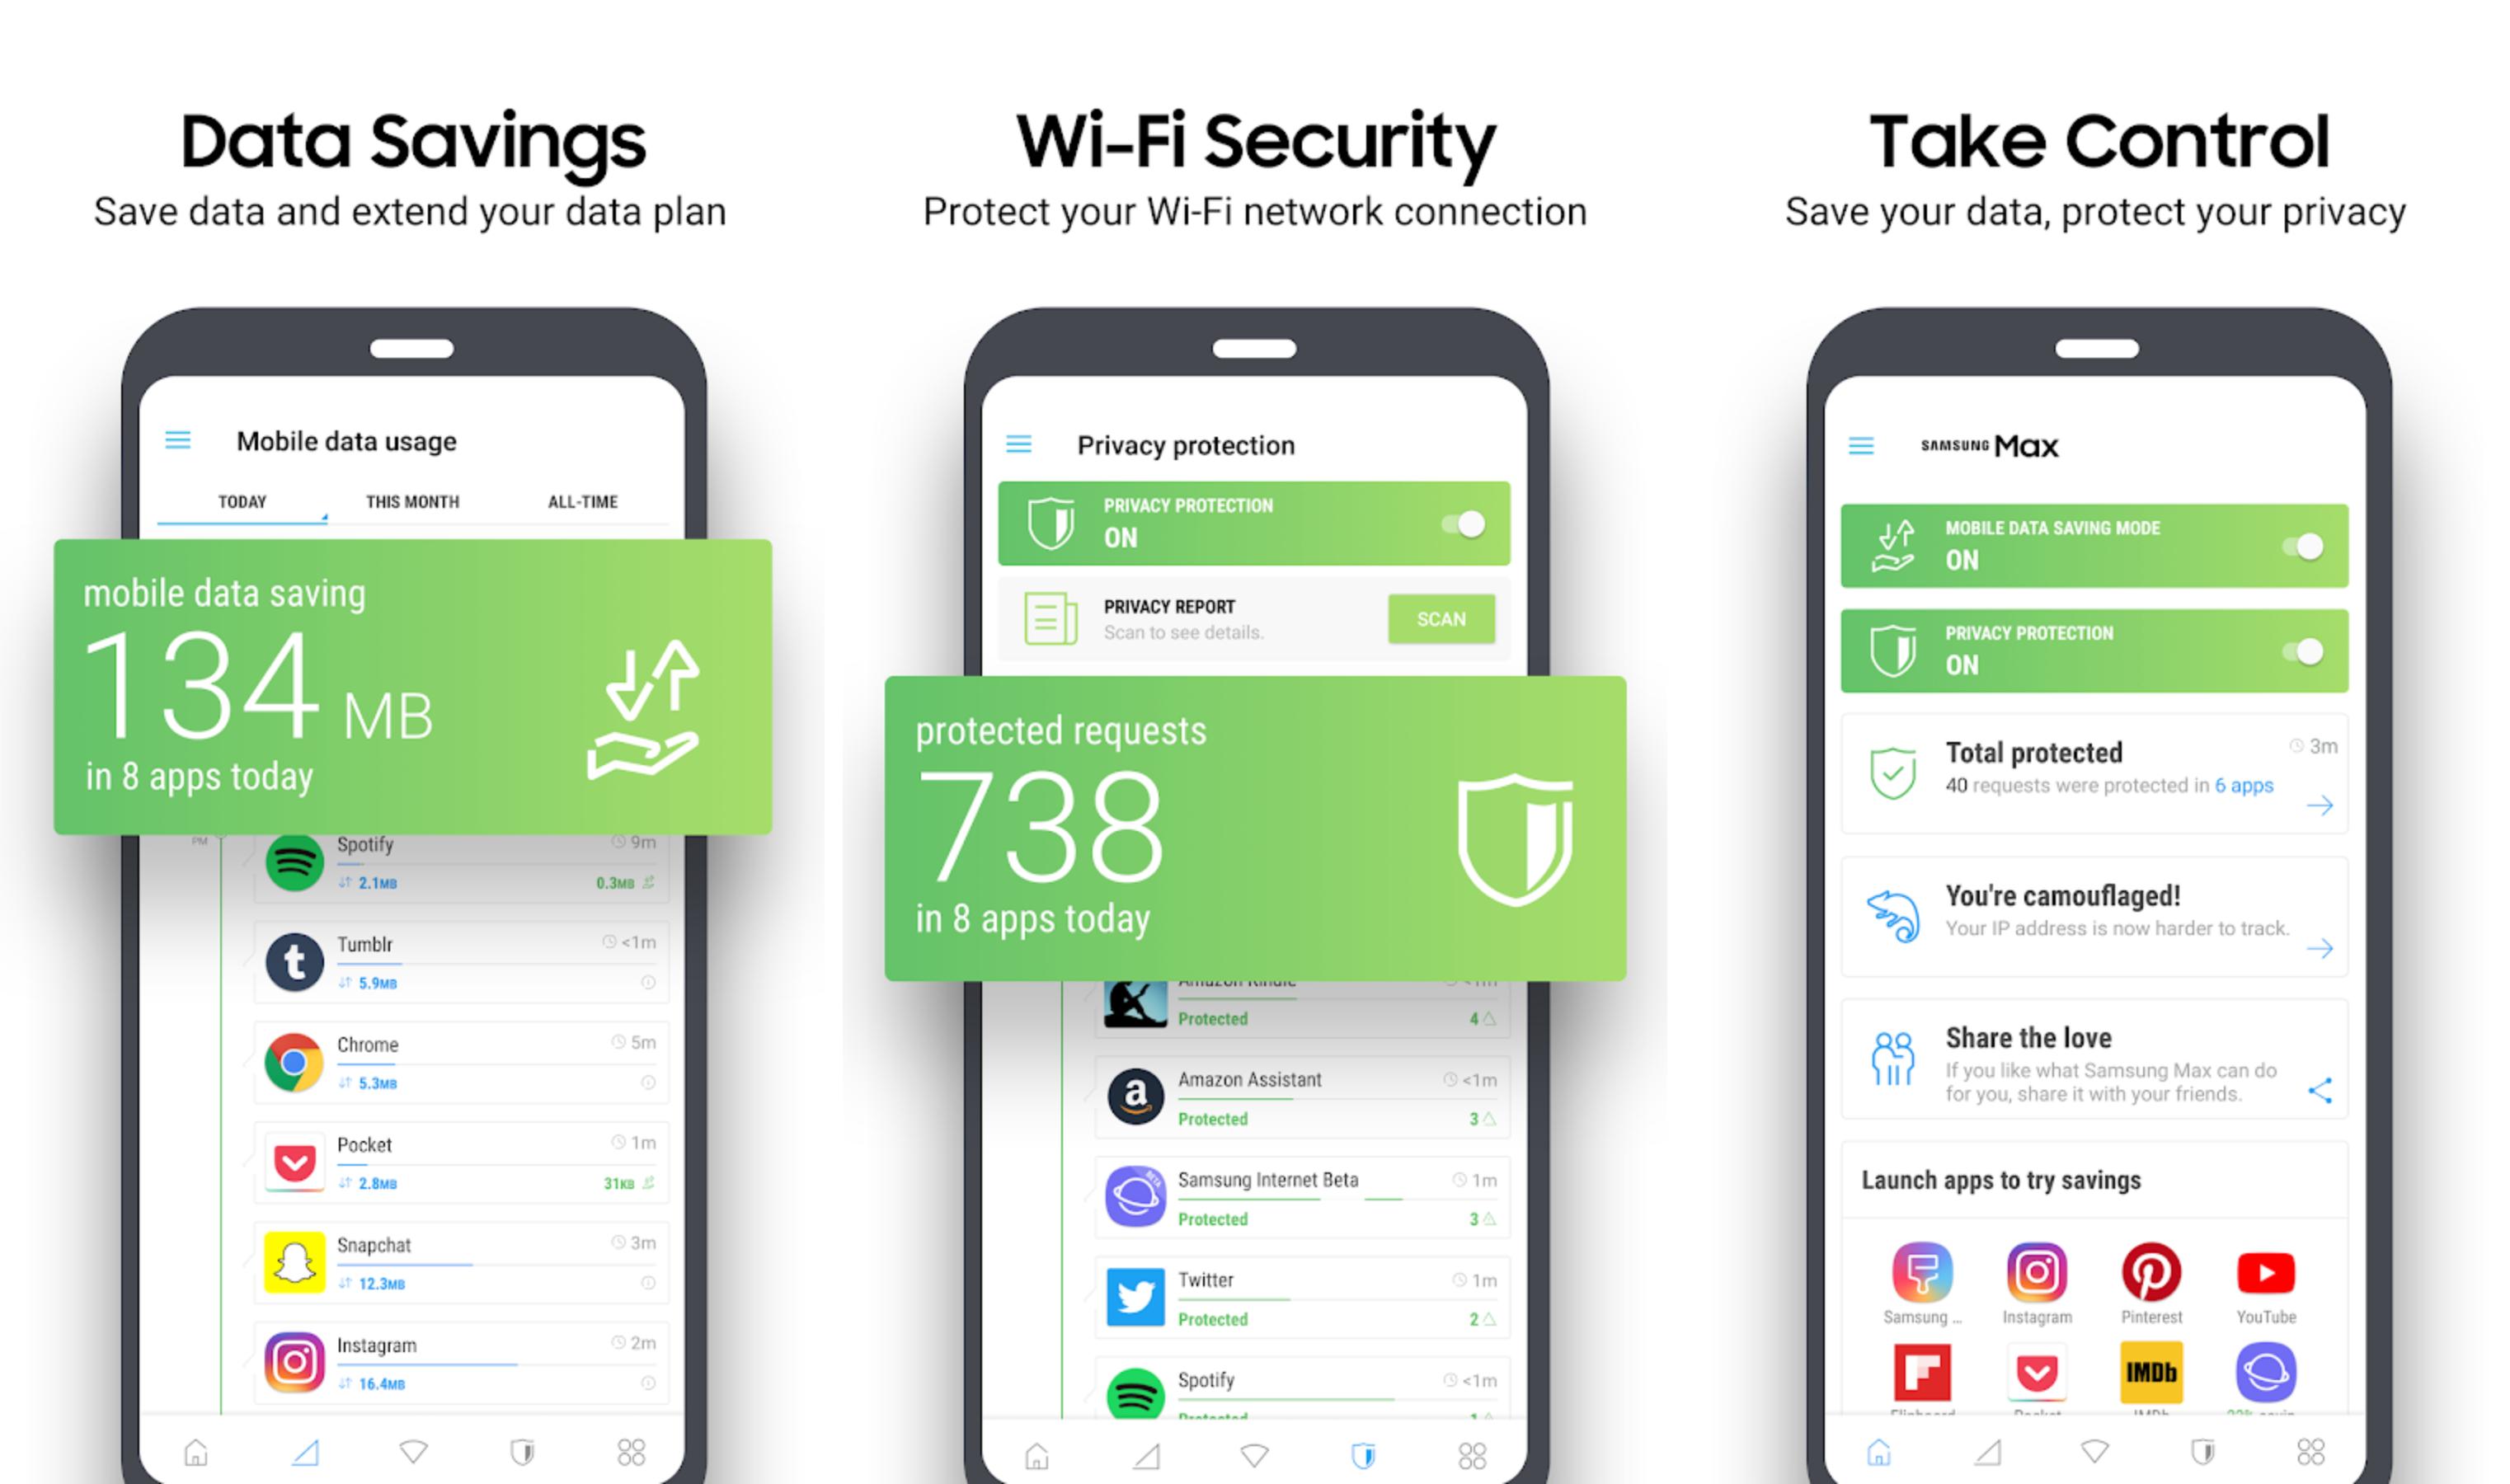 Приложение Samsung Max поможет сэкономить мобильный трафик